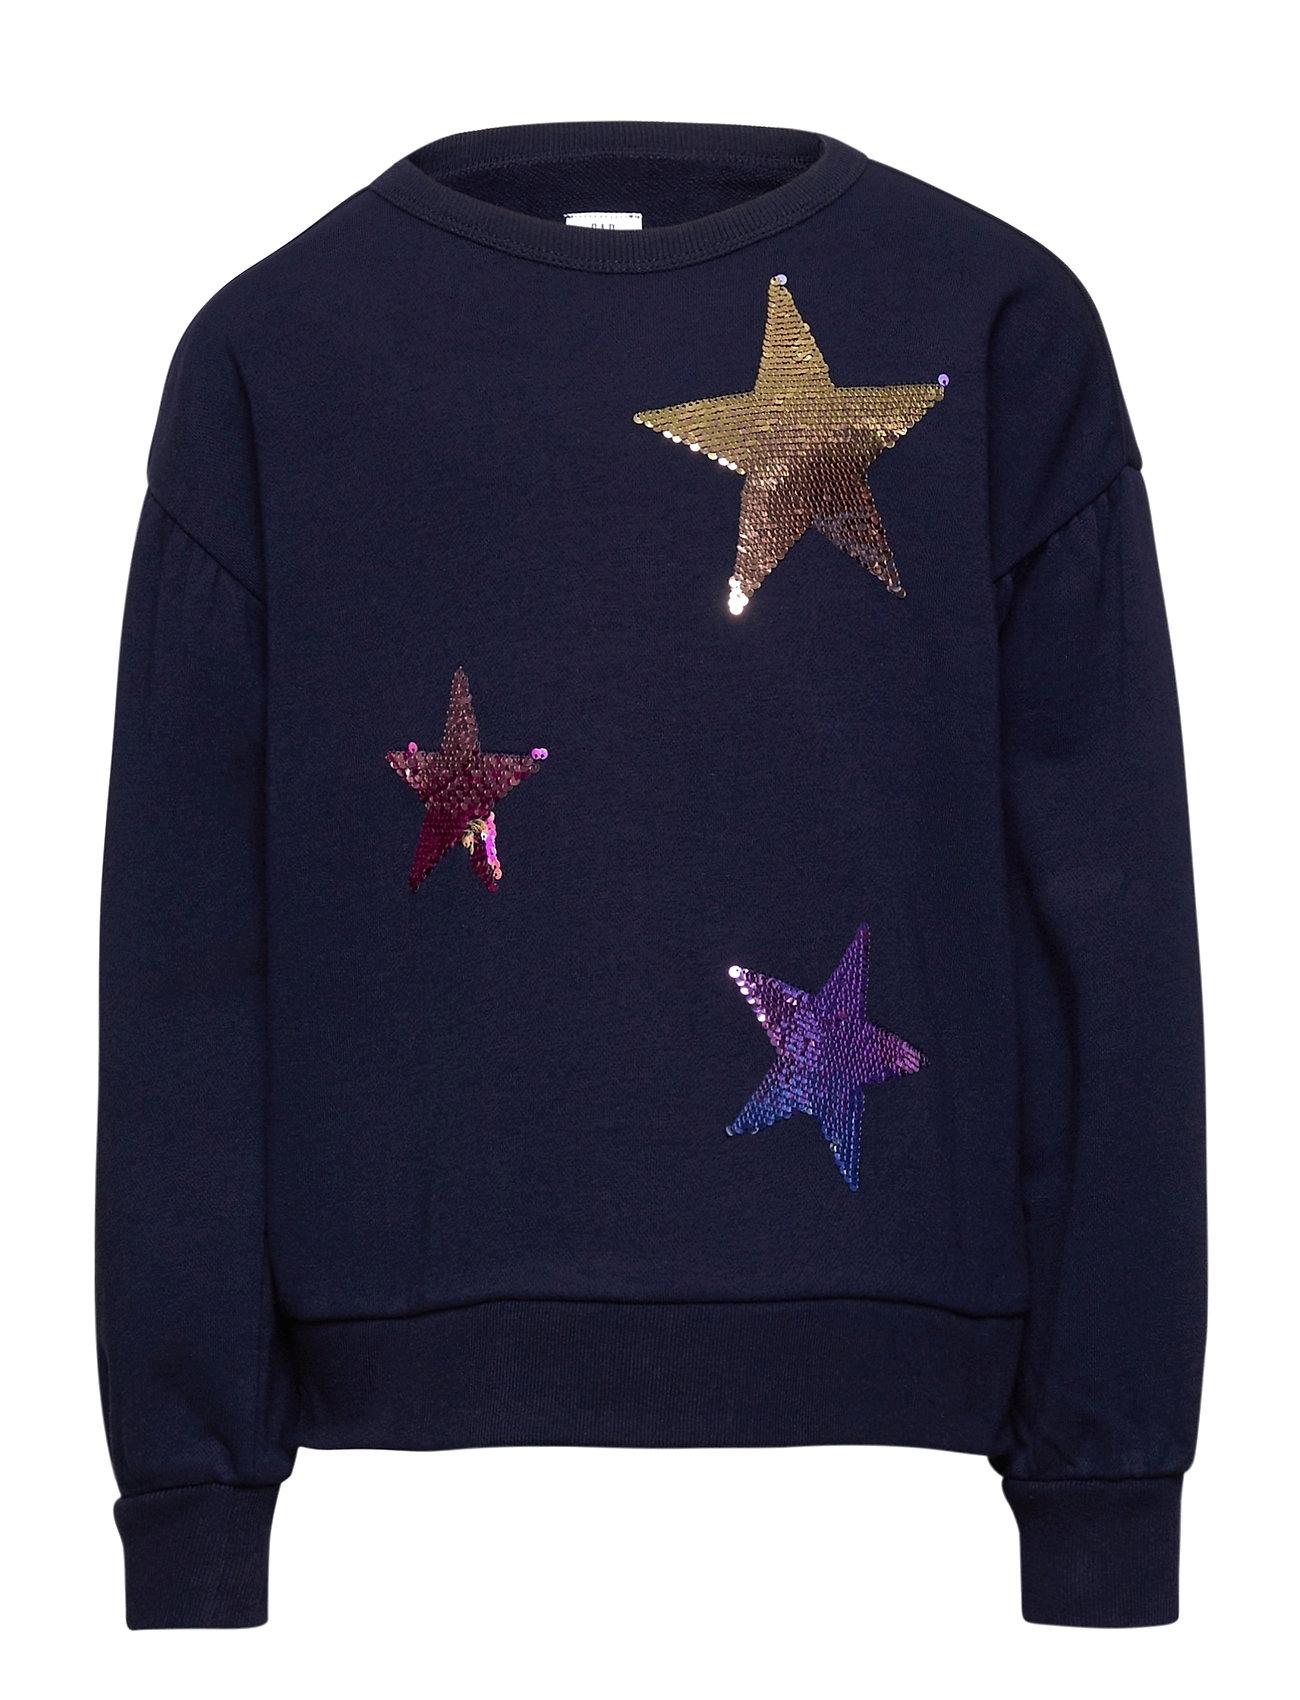 Image of Kids Flippy Sequin Crewneck Sweatshirt Sweatshirt Trøje Blå GAP (3464913867)